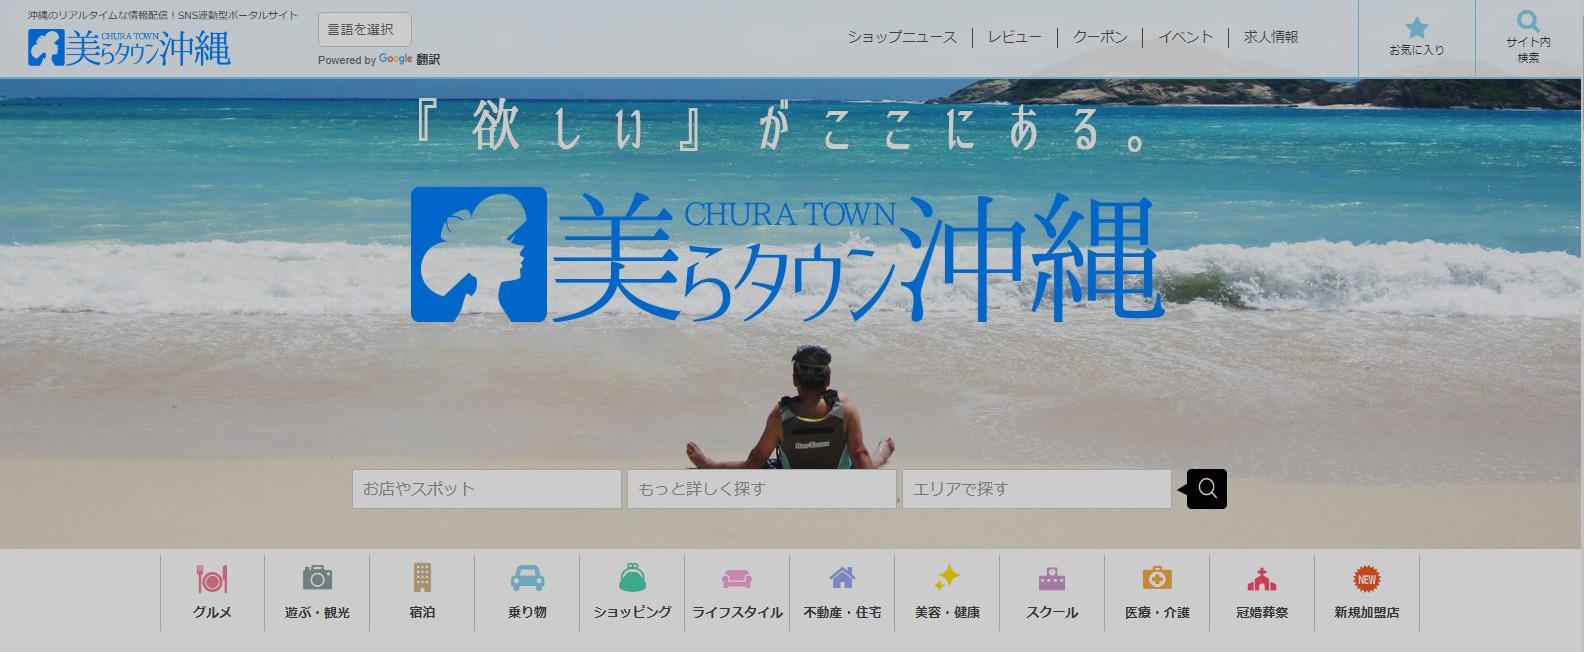 美らタウン沖縄さんへ、記事を載せていただいています!